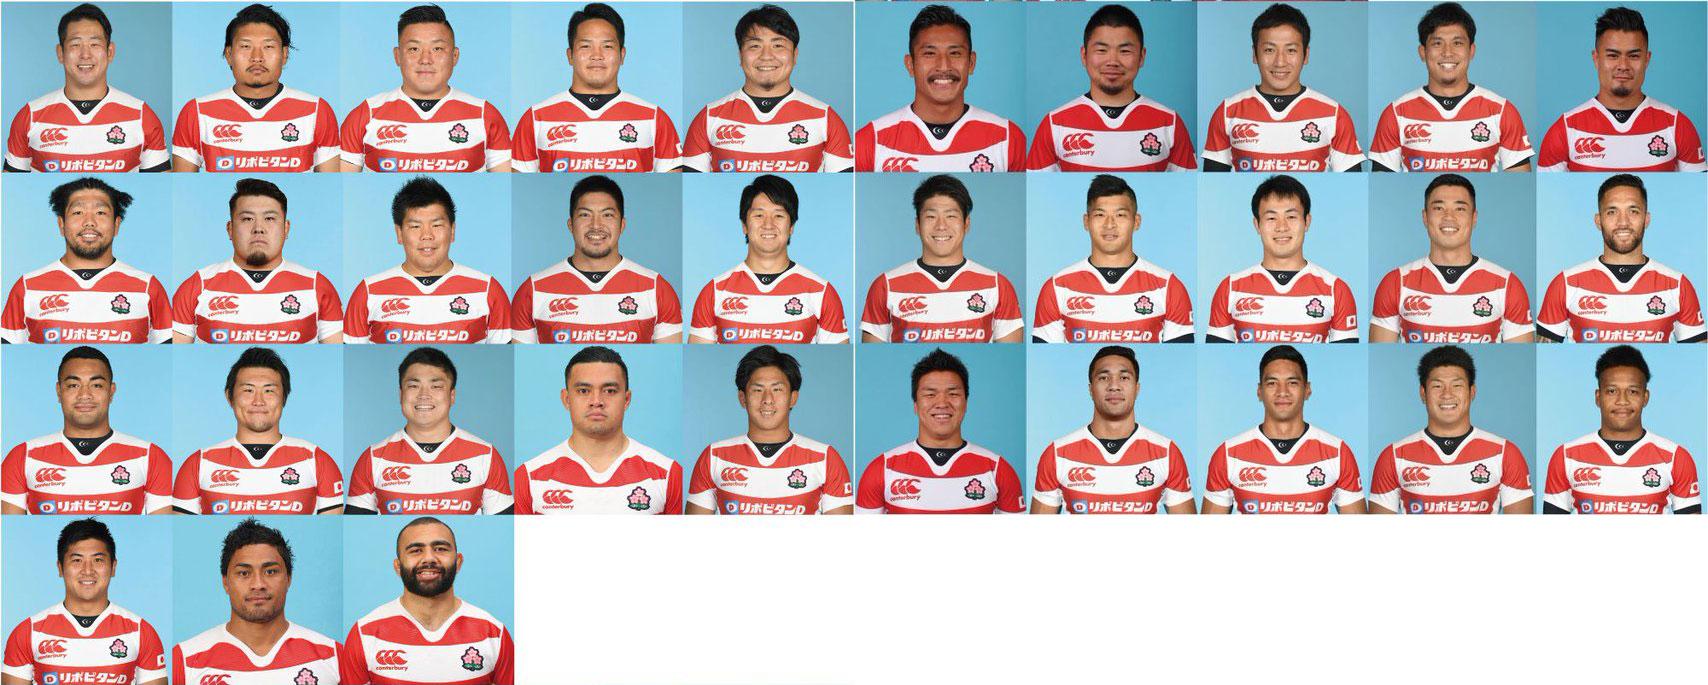 日本代表メンバー33名、発表! \u2013 リポビタンDチャレンジカップ2017